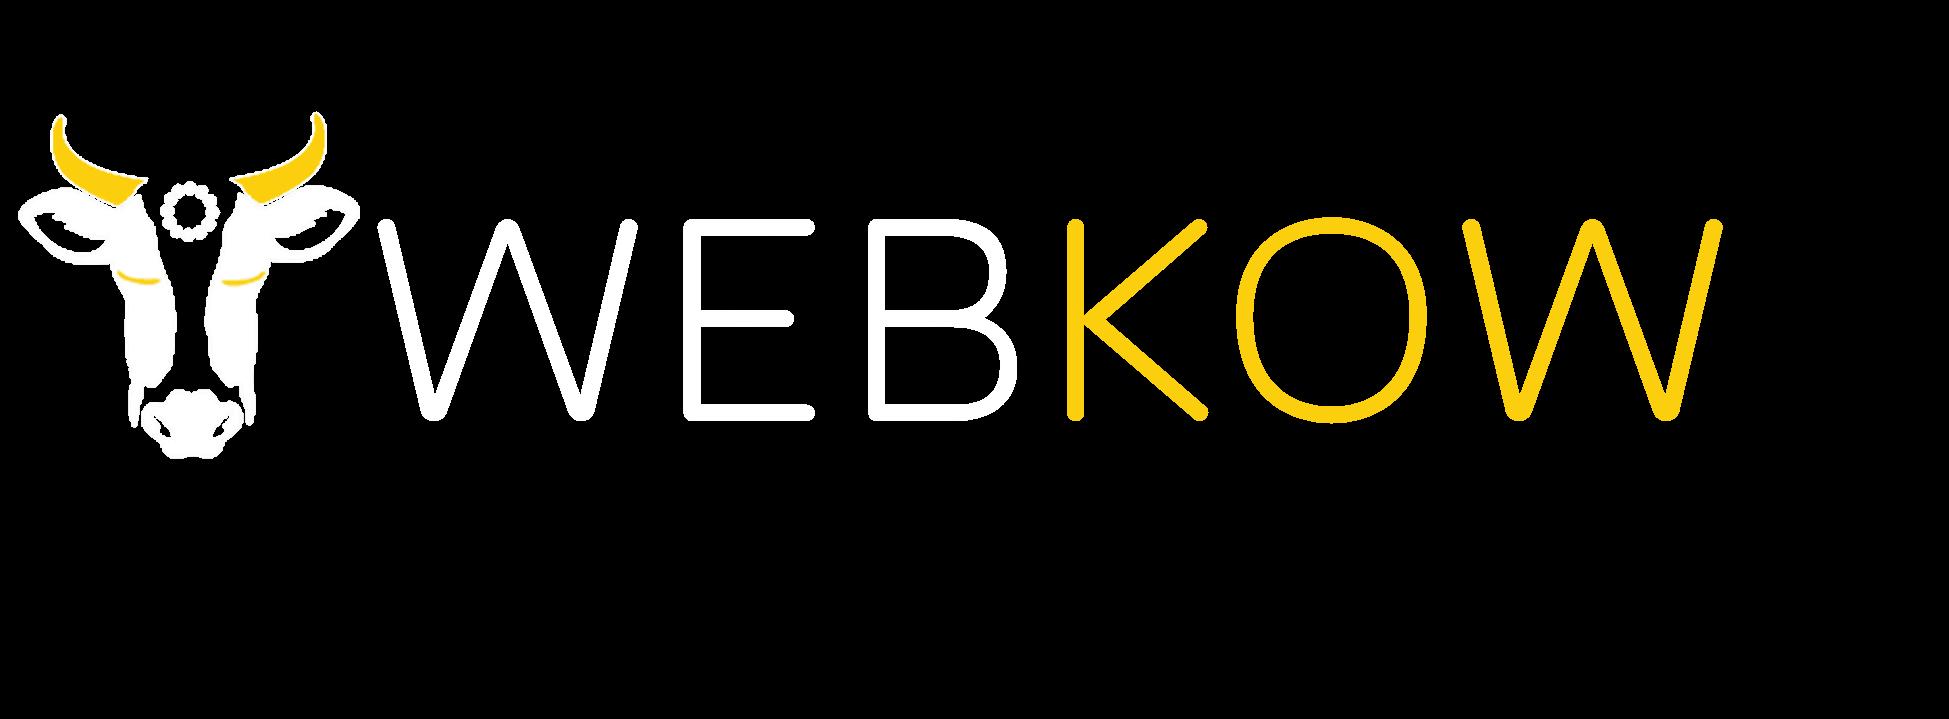 Webkow